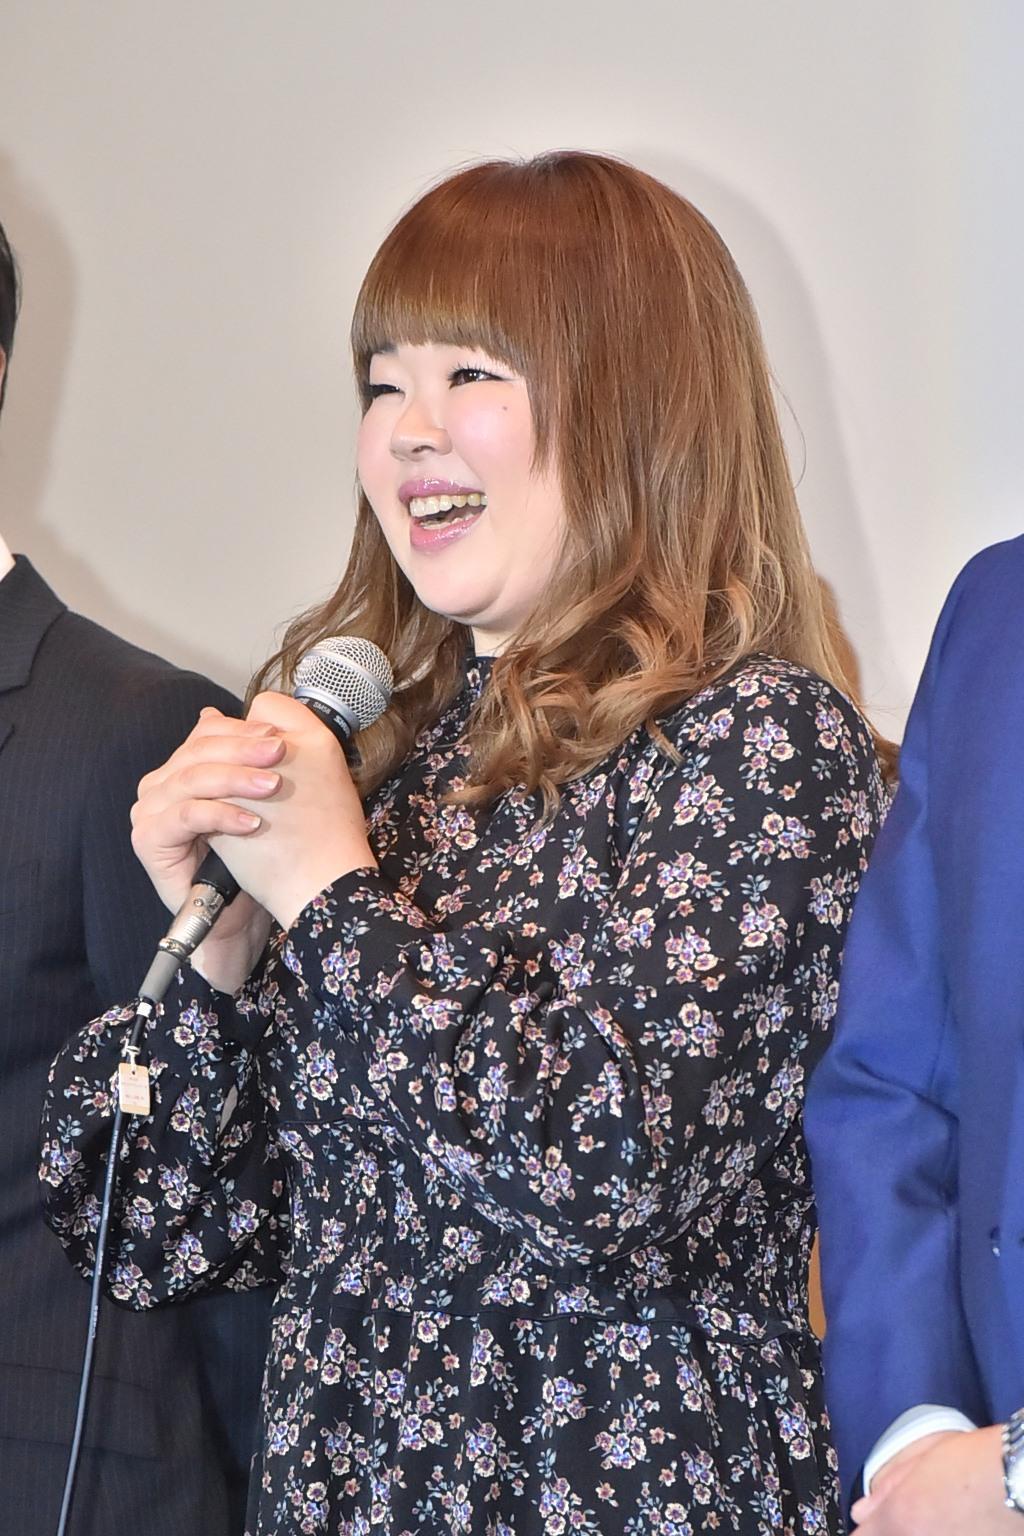 http://news.yoshimoto.co.jp/20190115124611-0bd438994eb99c2cdfee61dfc4cfc5b867a735db.jpg